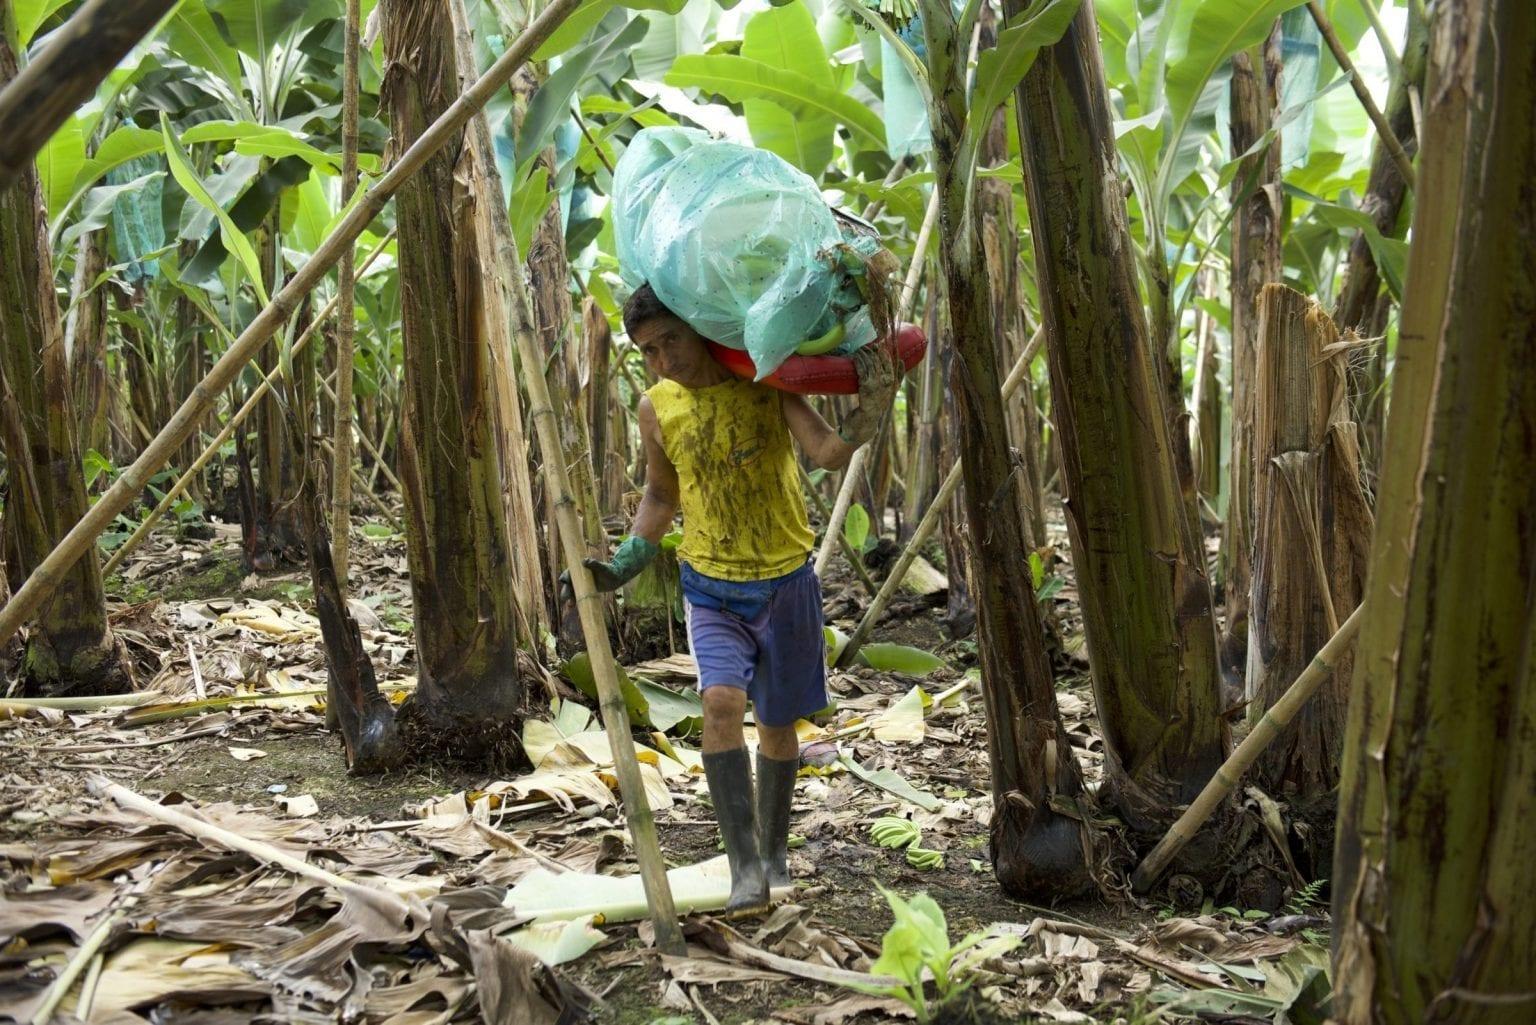 Arbejder på bananplantage.